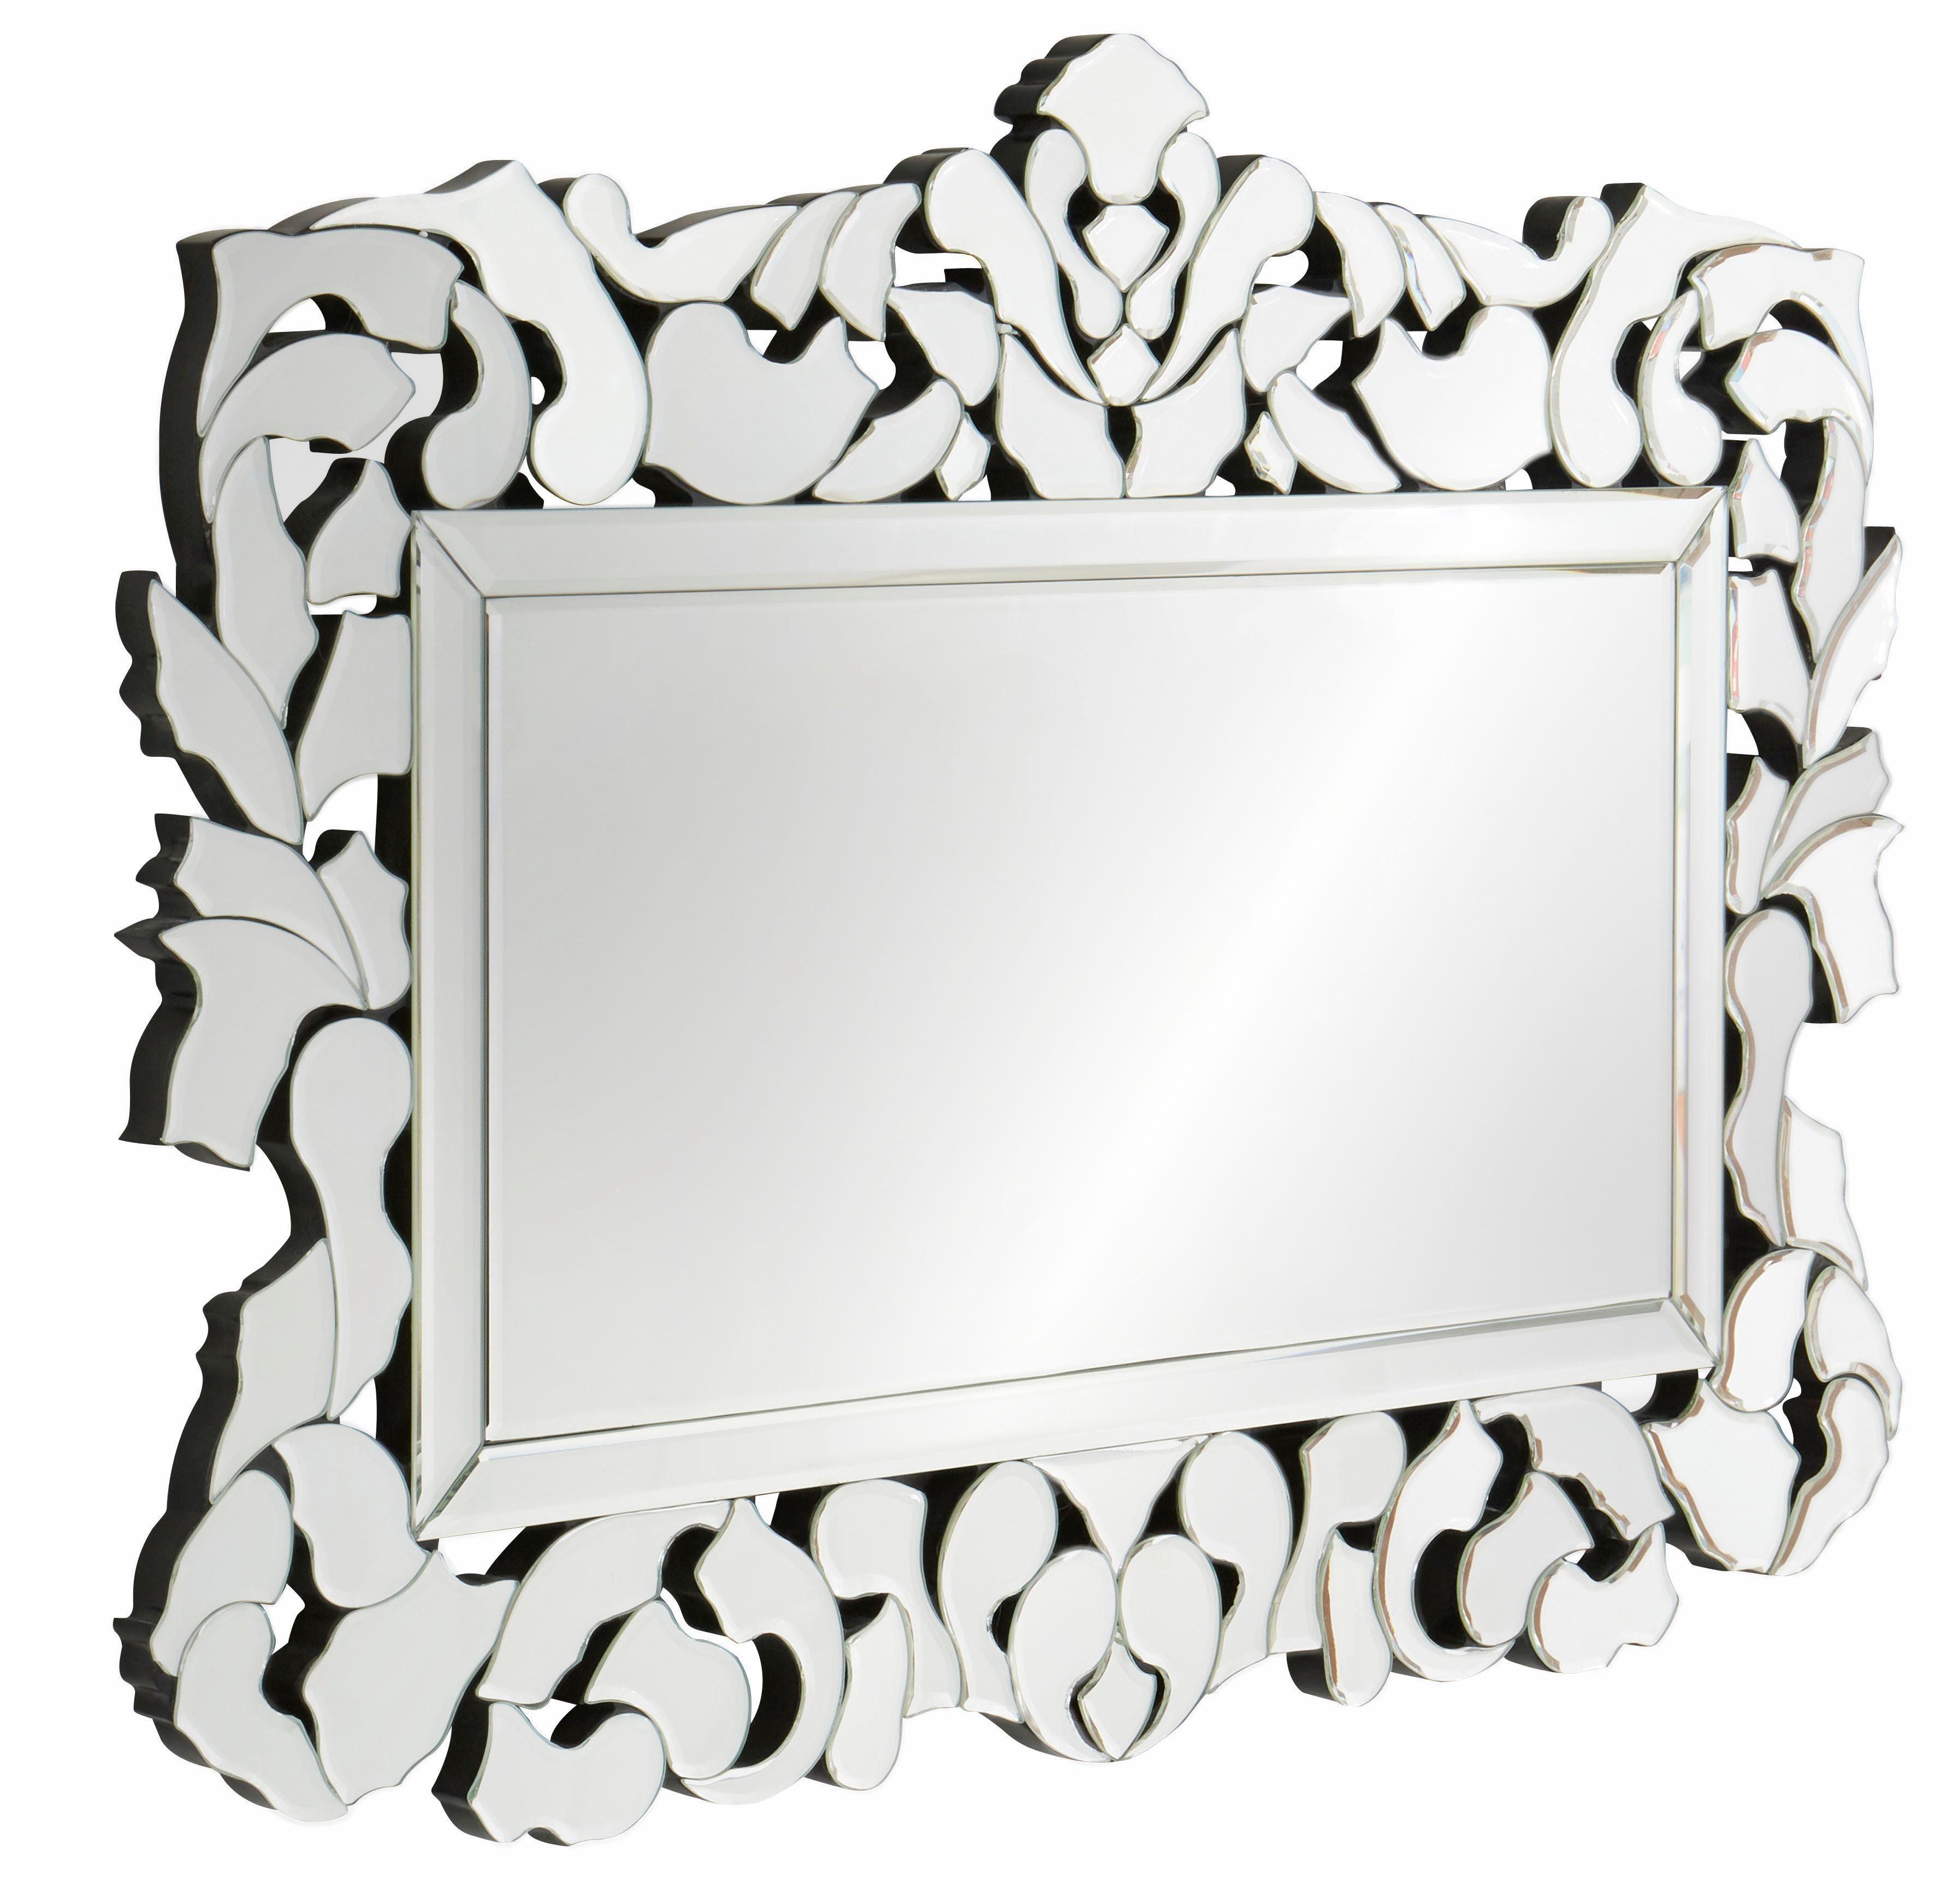 GMK Home & Living Spiegel mit verspiegeltem Rahmen